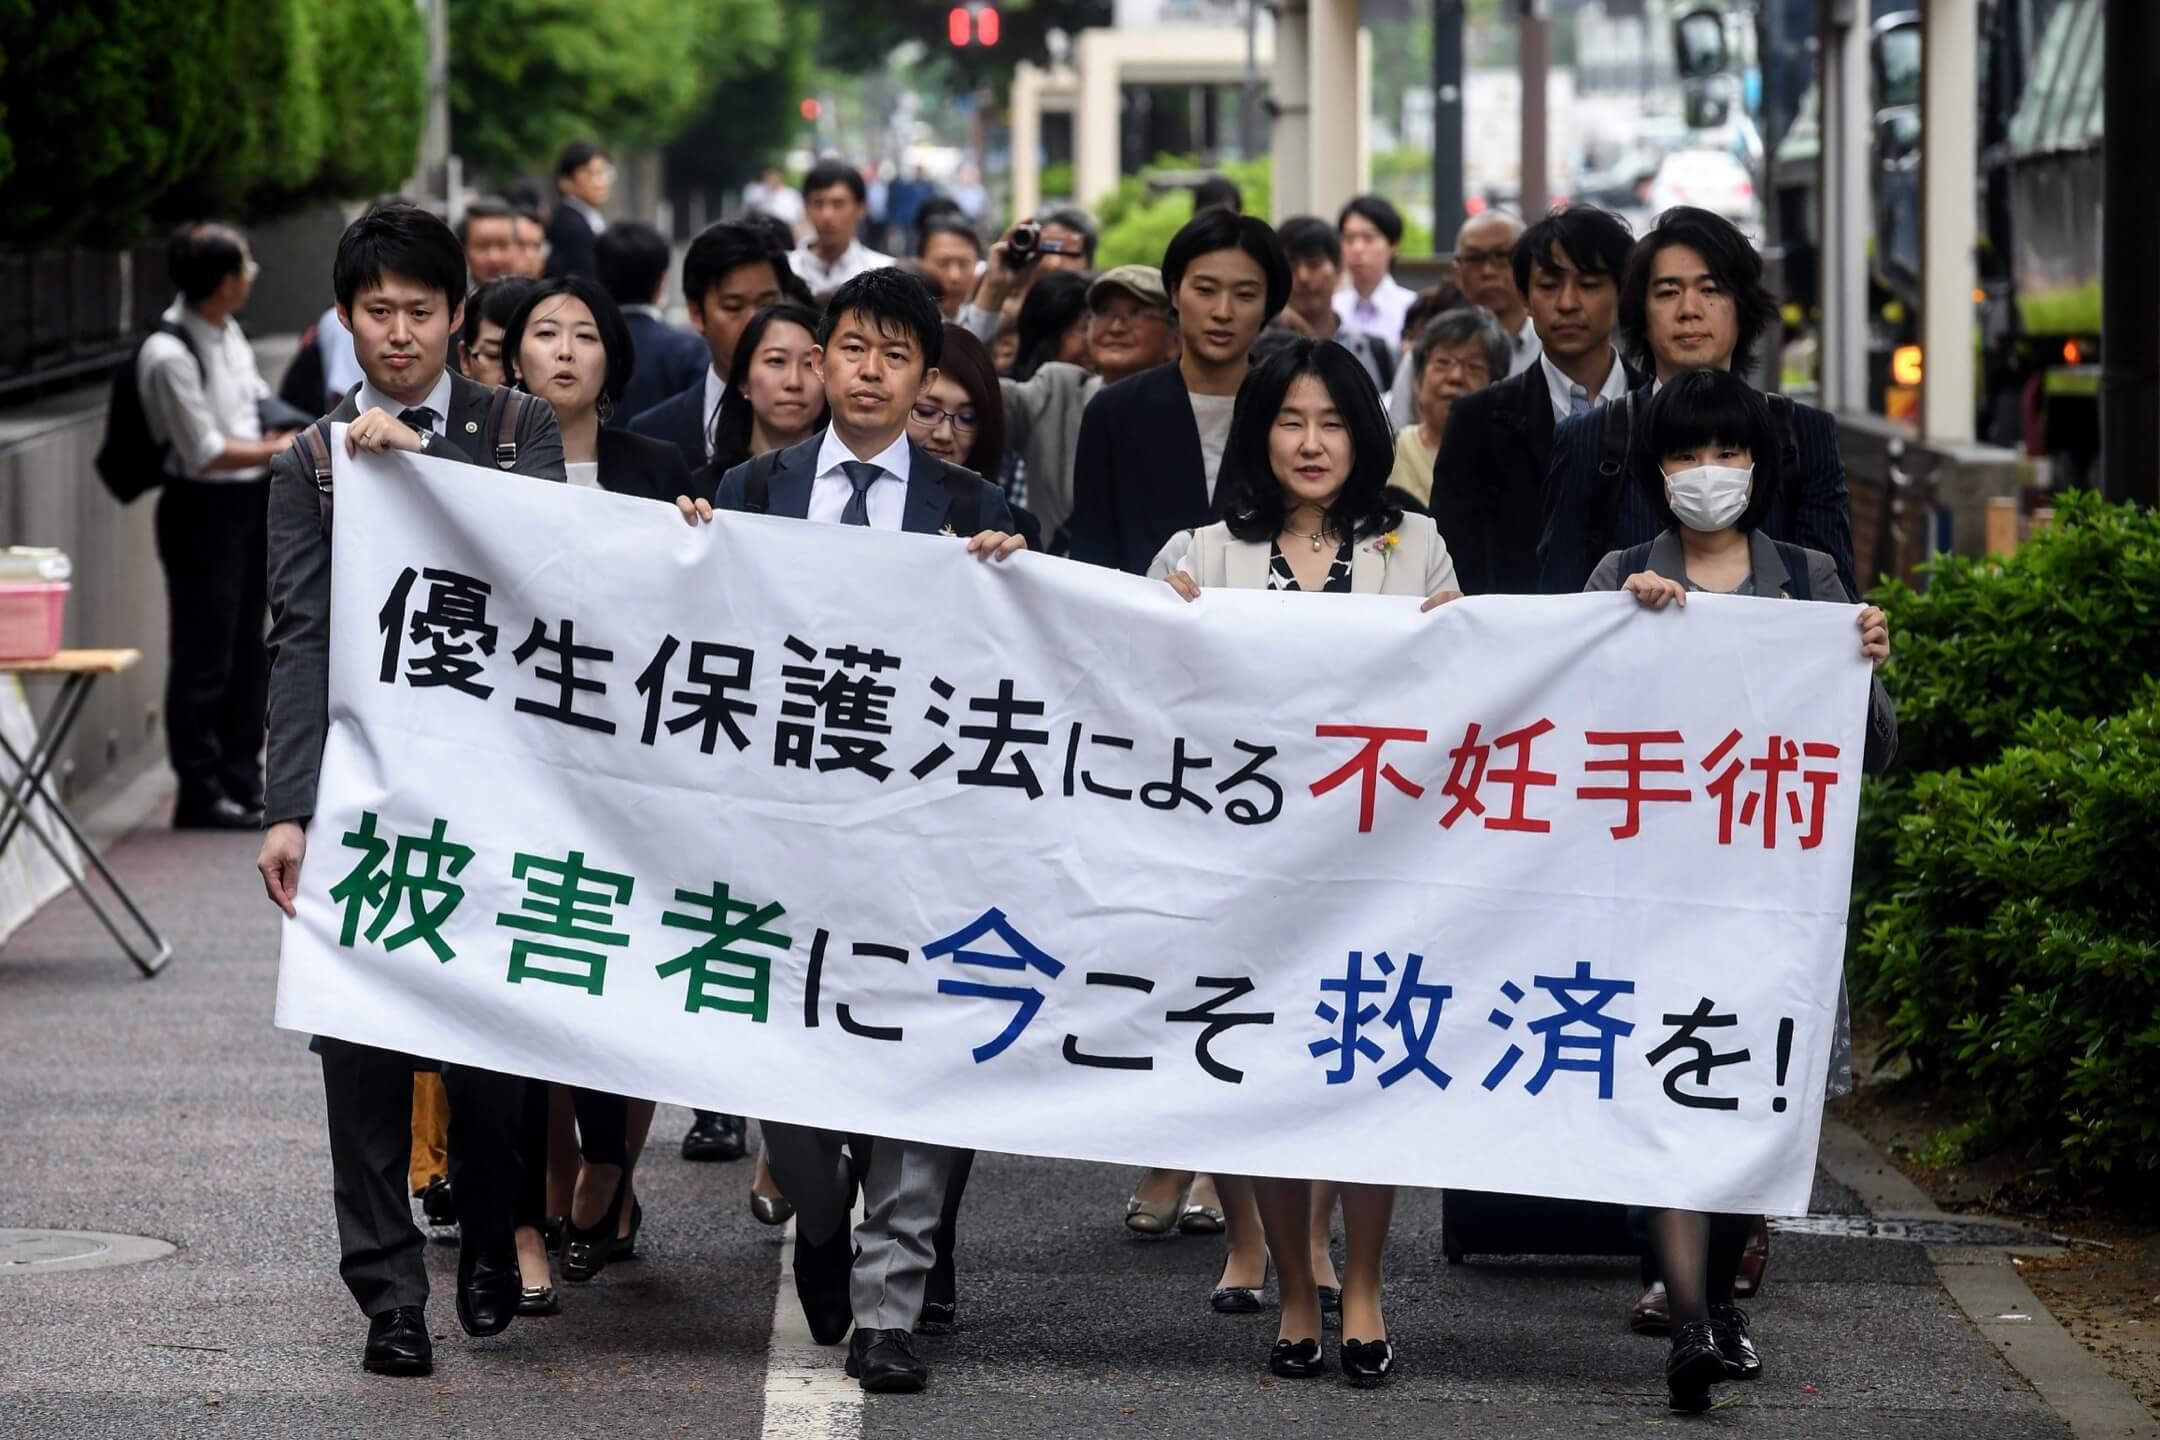 2018年5月,律師團和支持者們手持標語遊行到東京地方裁判所,要求被強制絕育的受害者得到賠償。 攝:Toshifumi Kitamura/AFP/Getty Images